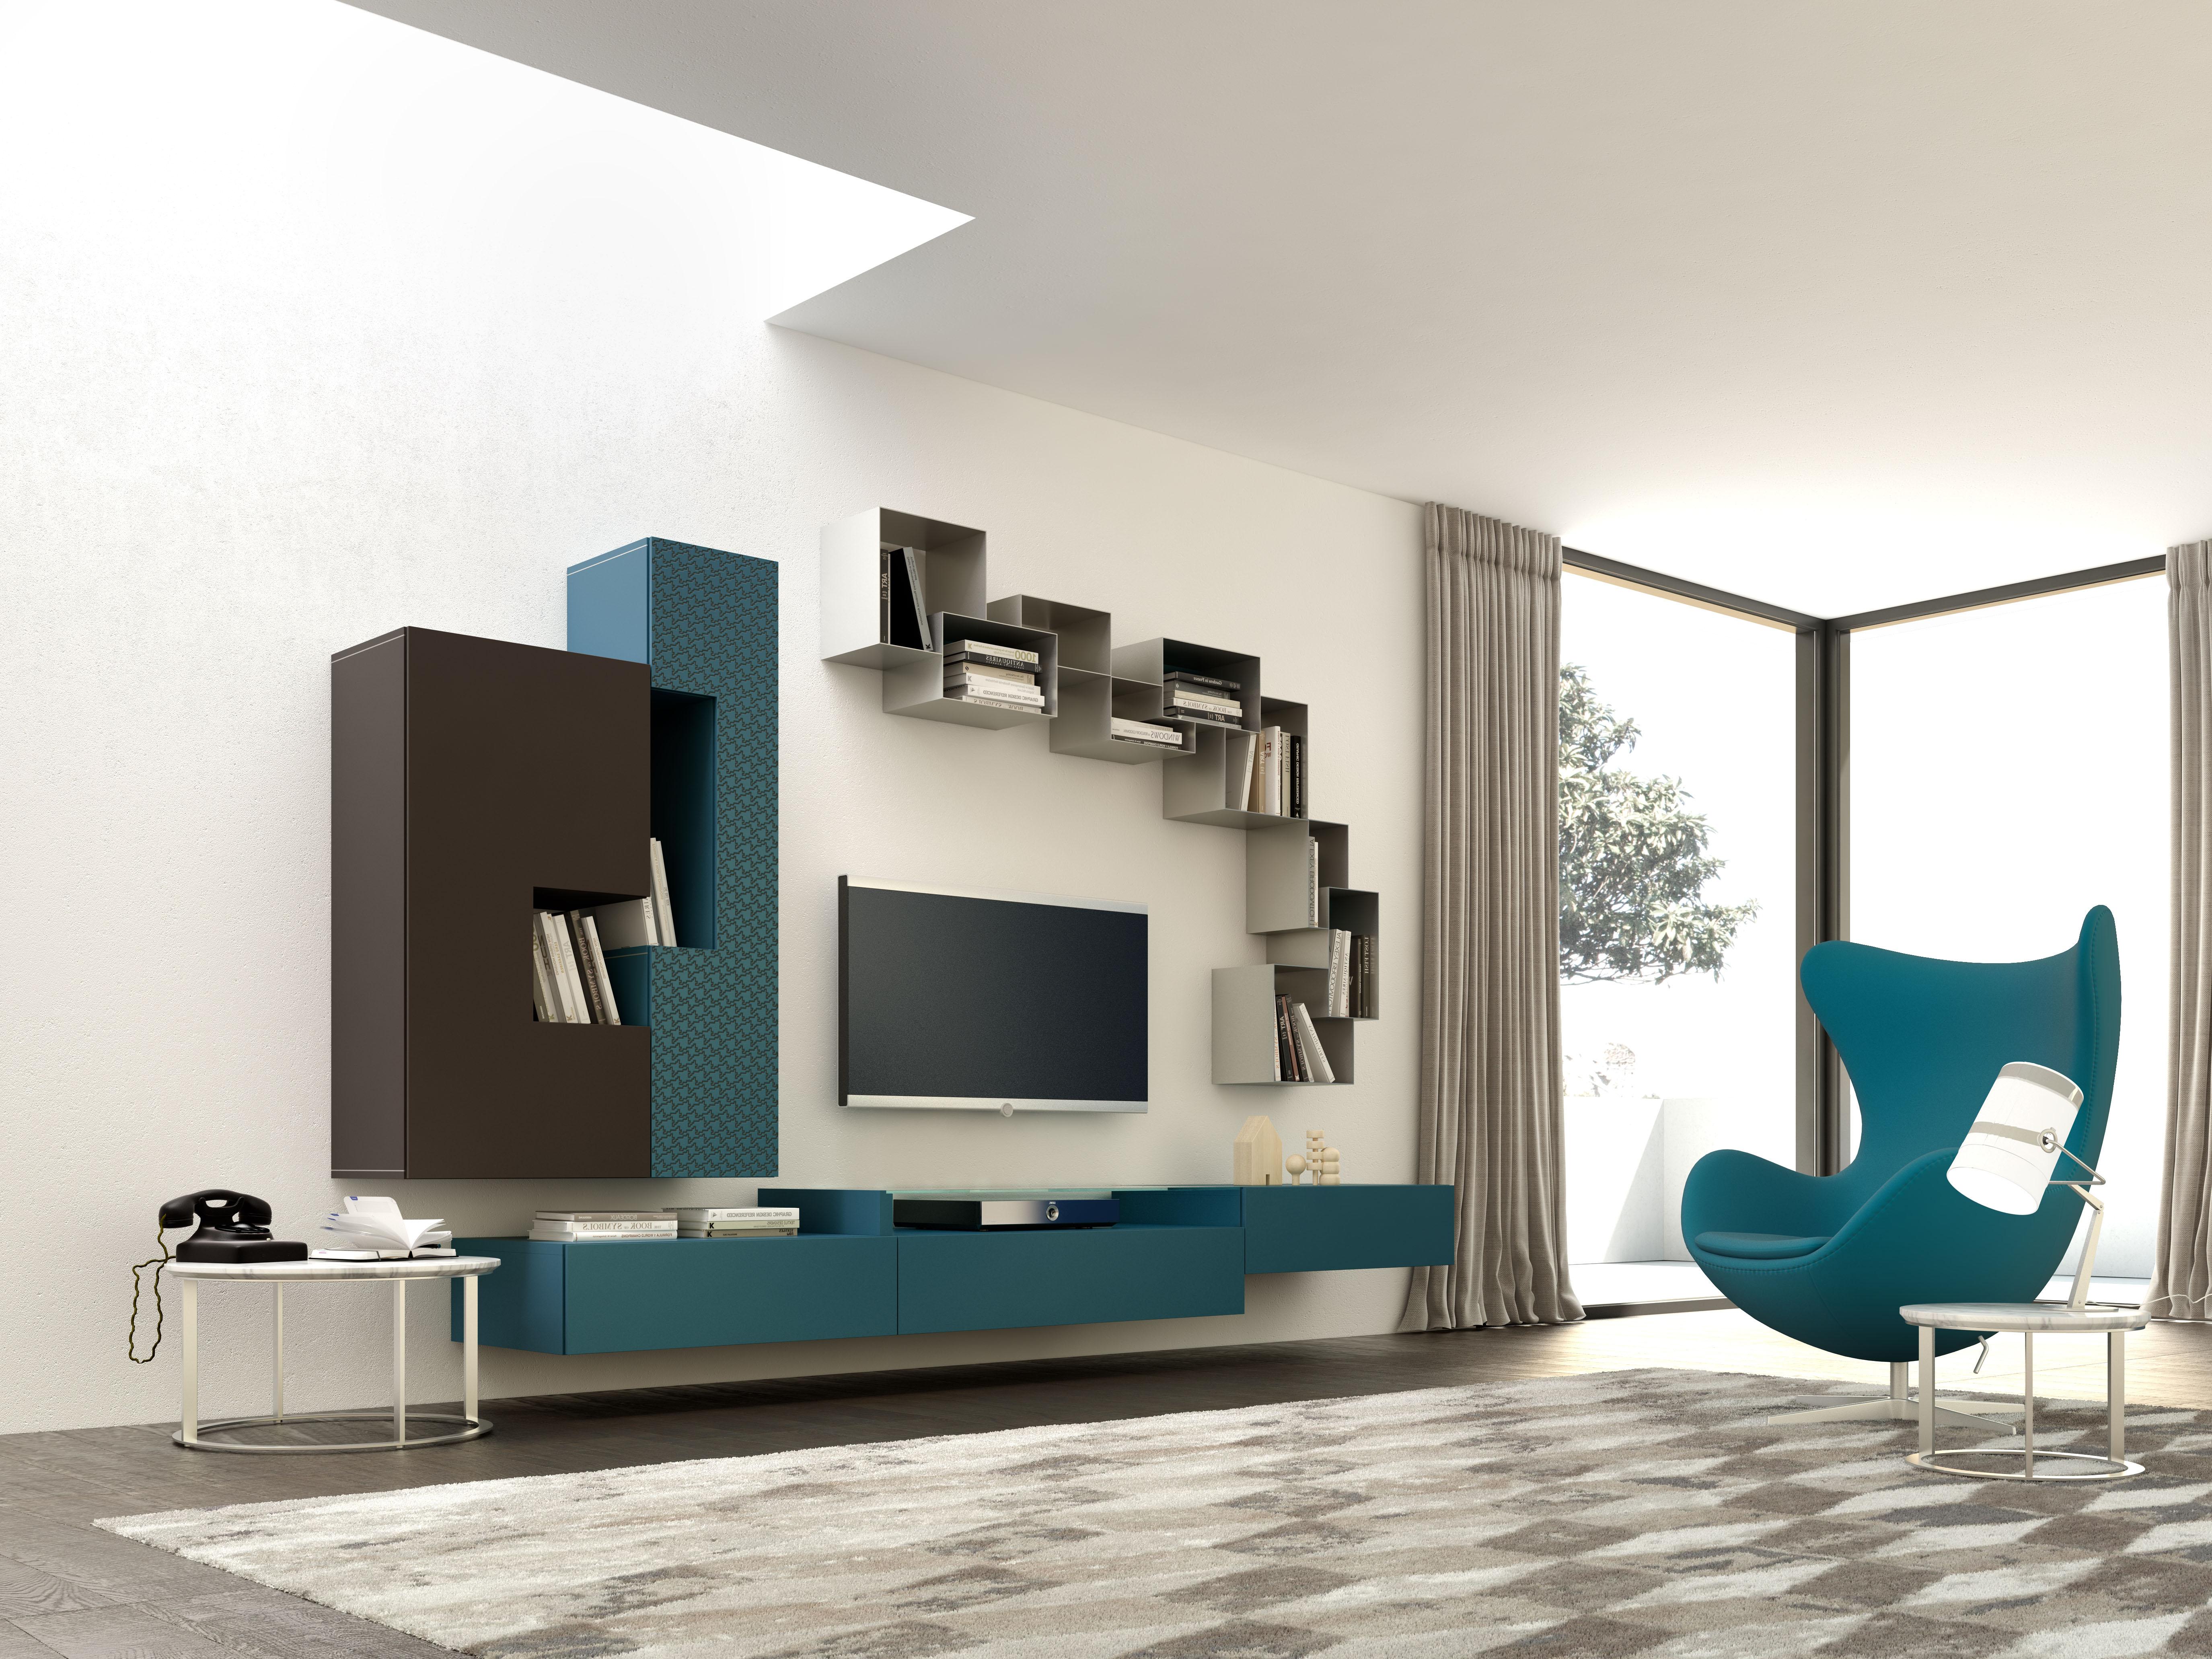 Gallery of parete soggiorno moderna di design with pareti attrezzate - Pareti attrezzate design ...